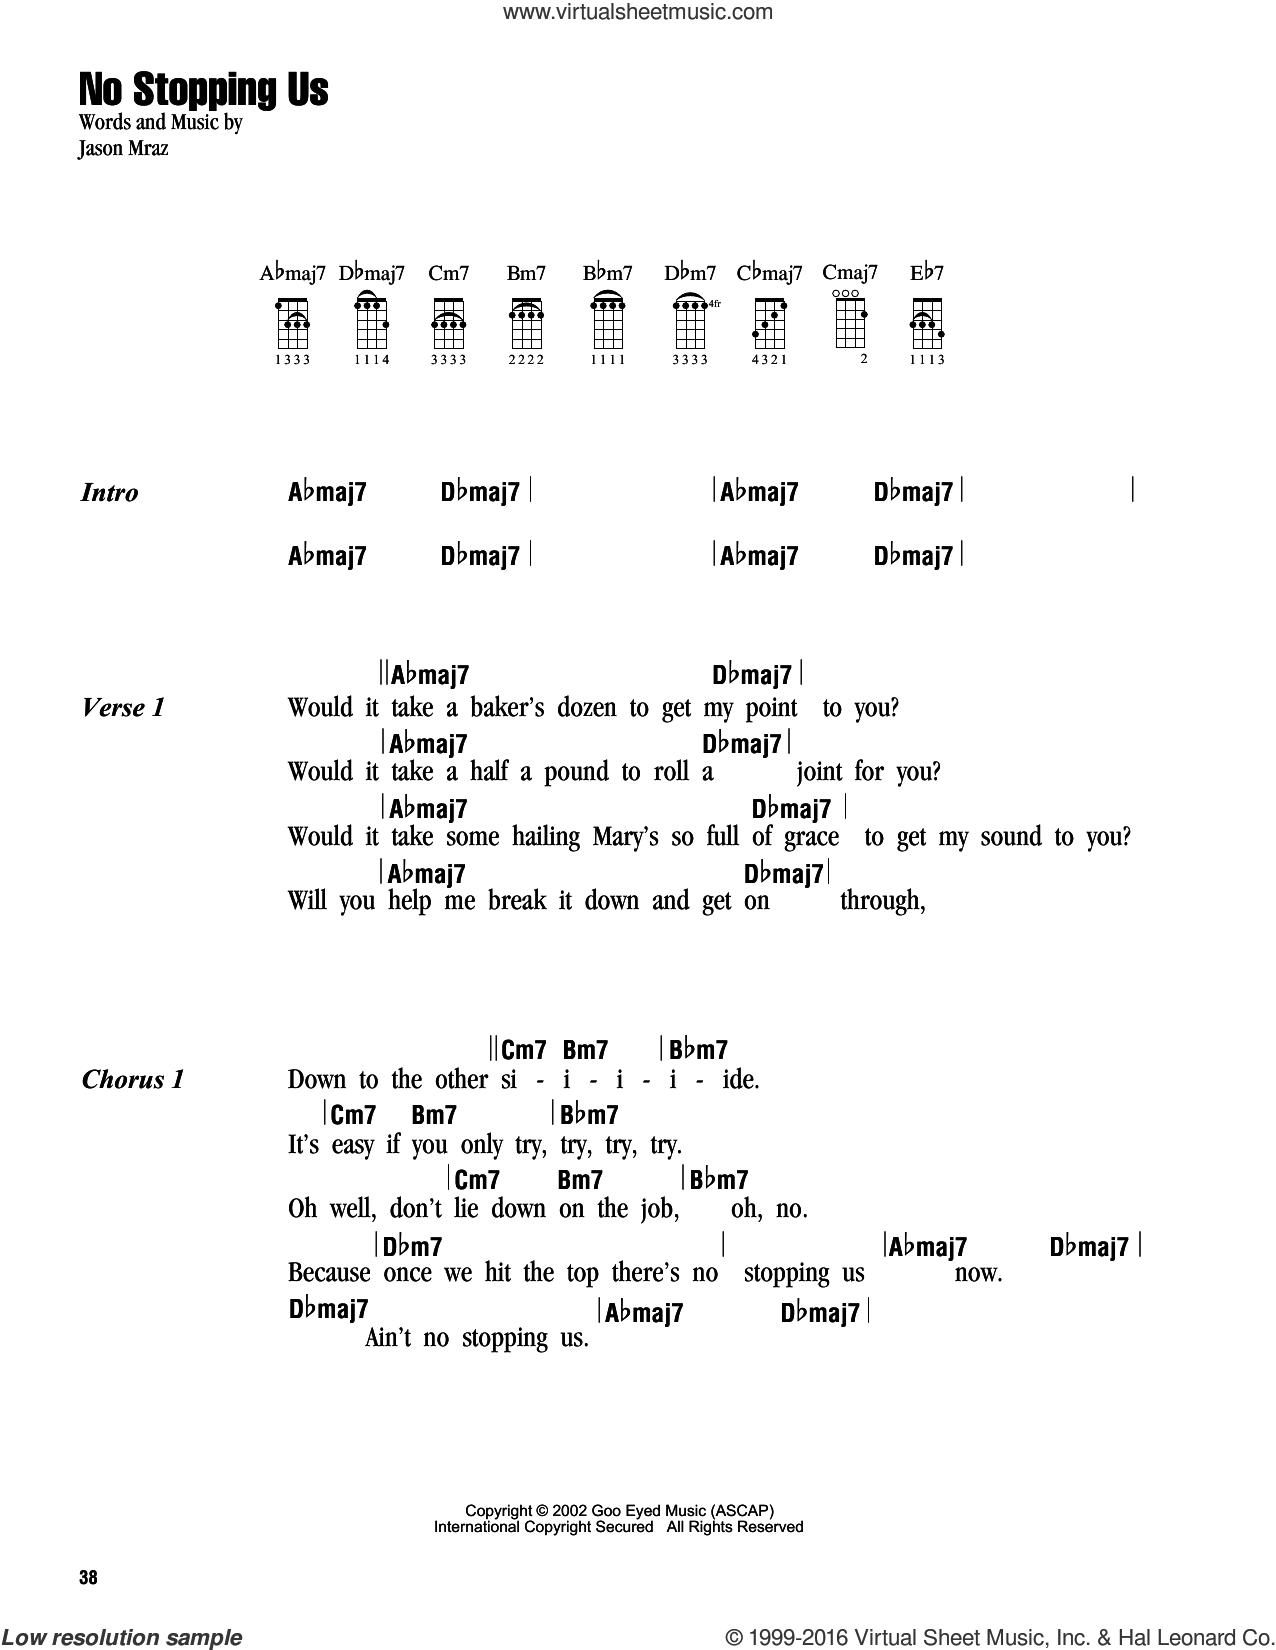 No Stopping Us sheet music for ukulele (chords) by Jason Mraz, intermediate skill level